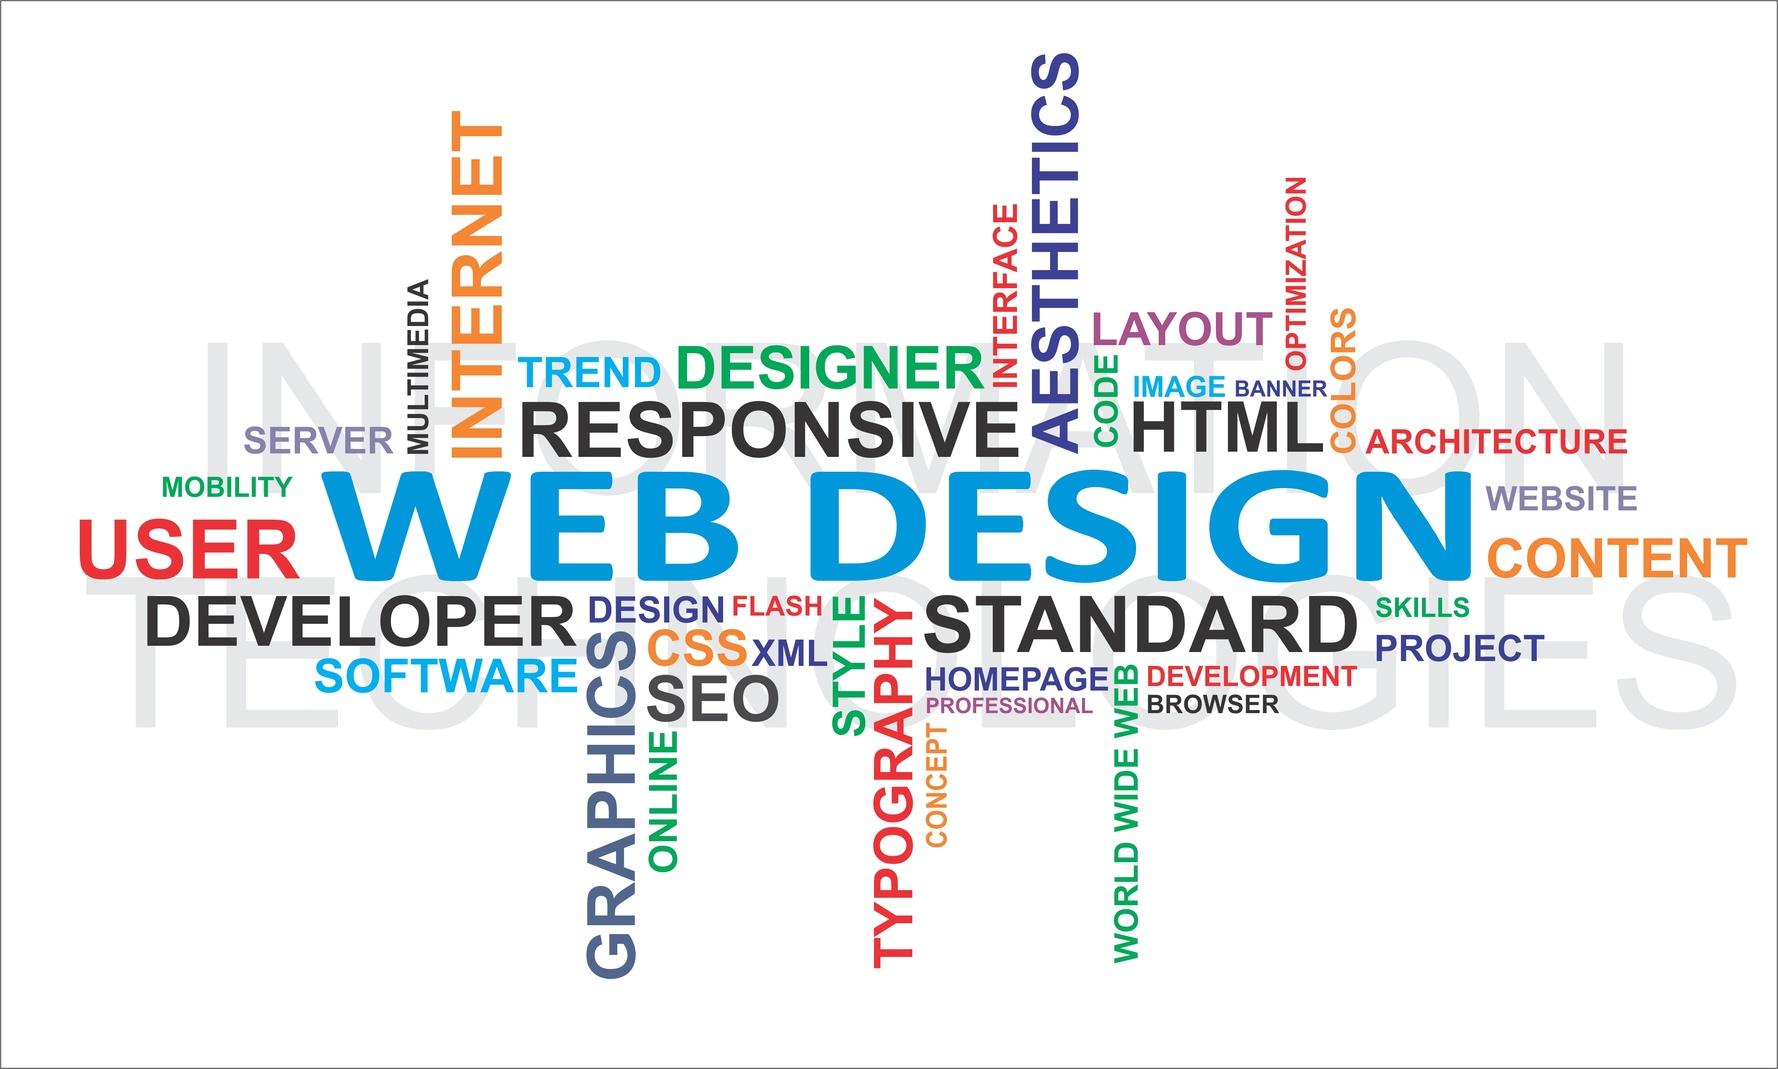 İnternet de Başarı Web Sitenizin Tasarım Özellikleriyle Doğru Orantılıdır